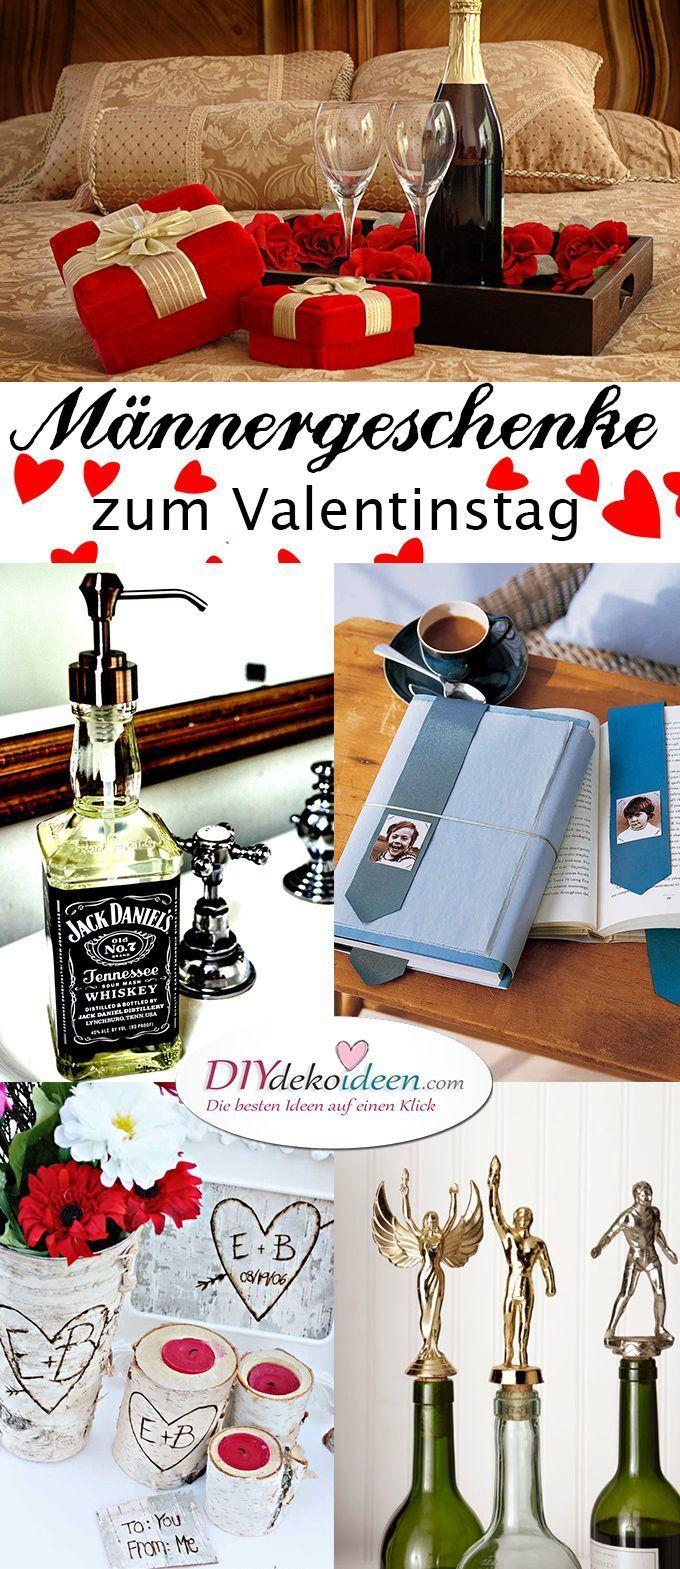 Kreative Diy Bastelideen Fur Mannergeschenke Zum Valentinstag